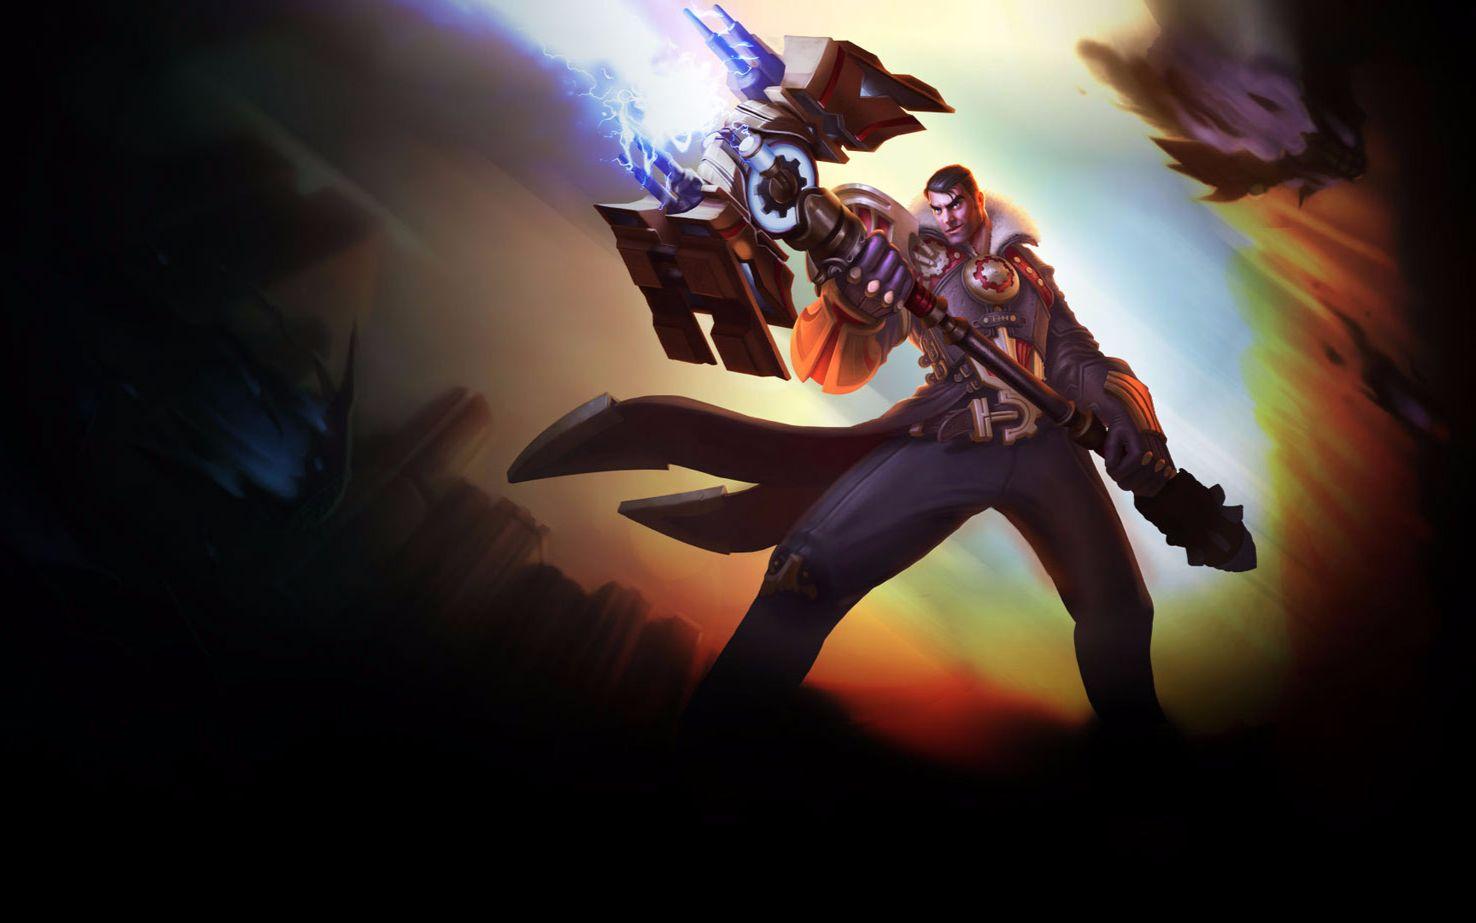 未来守护者杰斯视频_lol 英雄联盟专区 未来守护者杰斯  英雄视频 盒子出装 天赋加点 未来